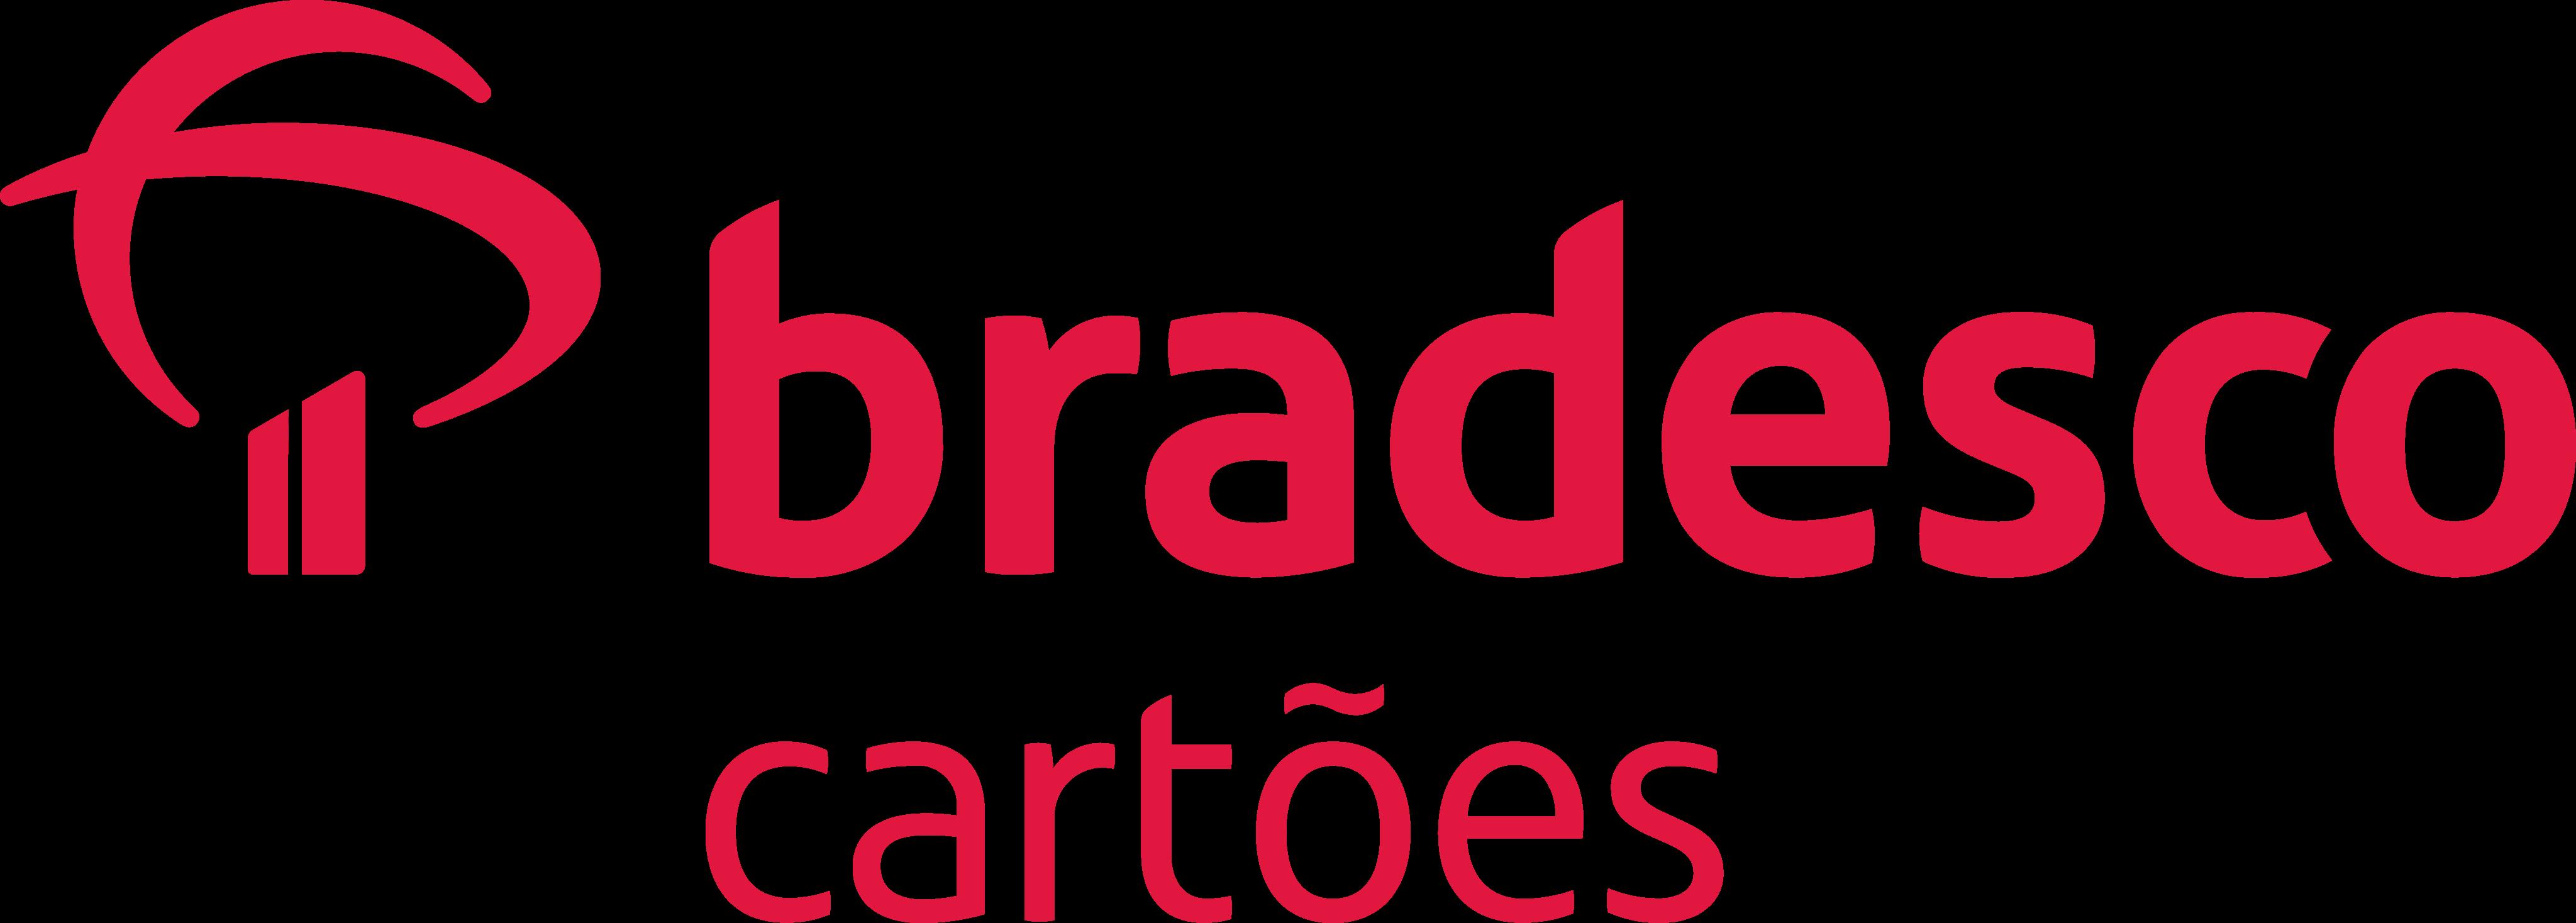 Bradesco Cartões Logo.